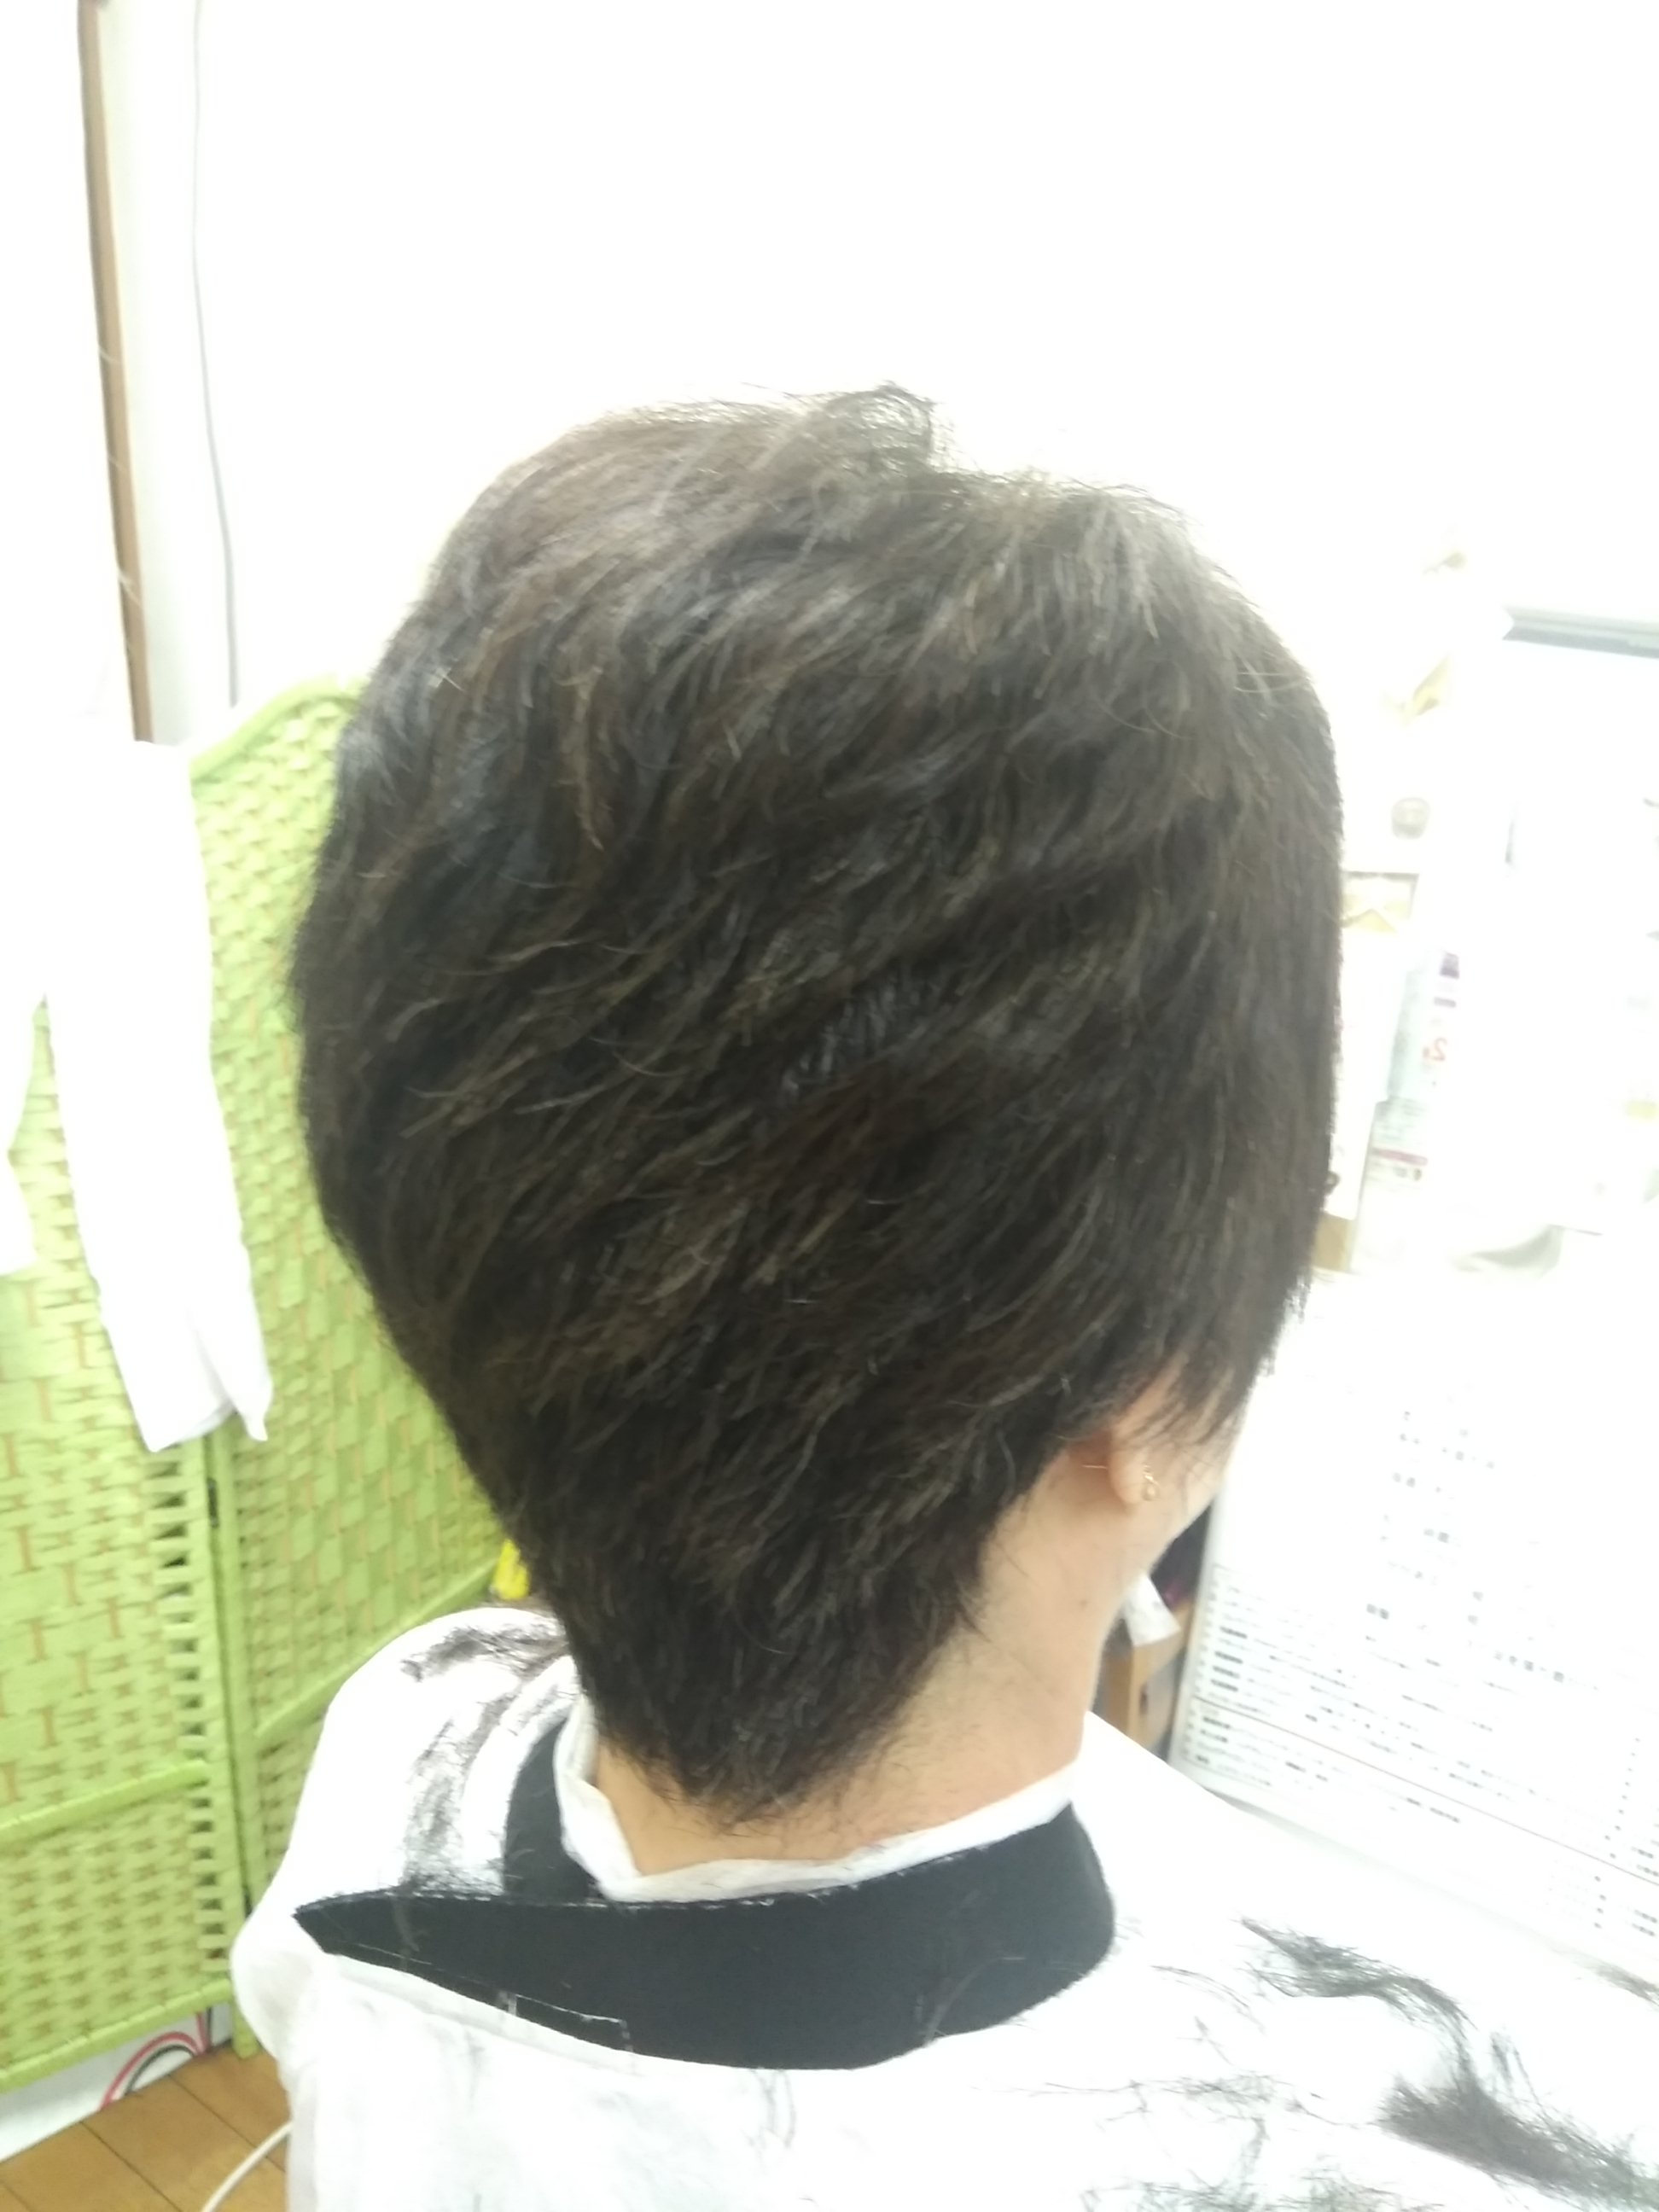 キュビズムカット くせ毛 ⑪ 210524